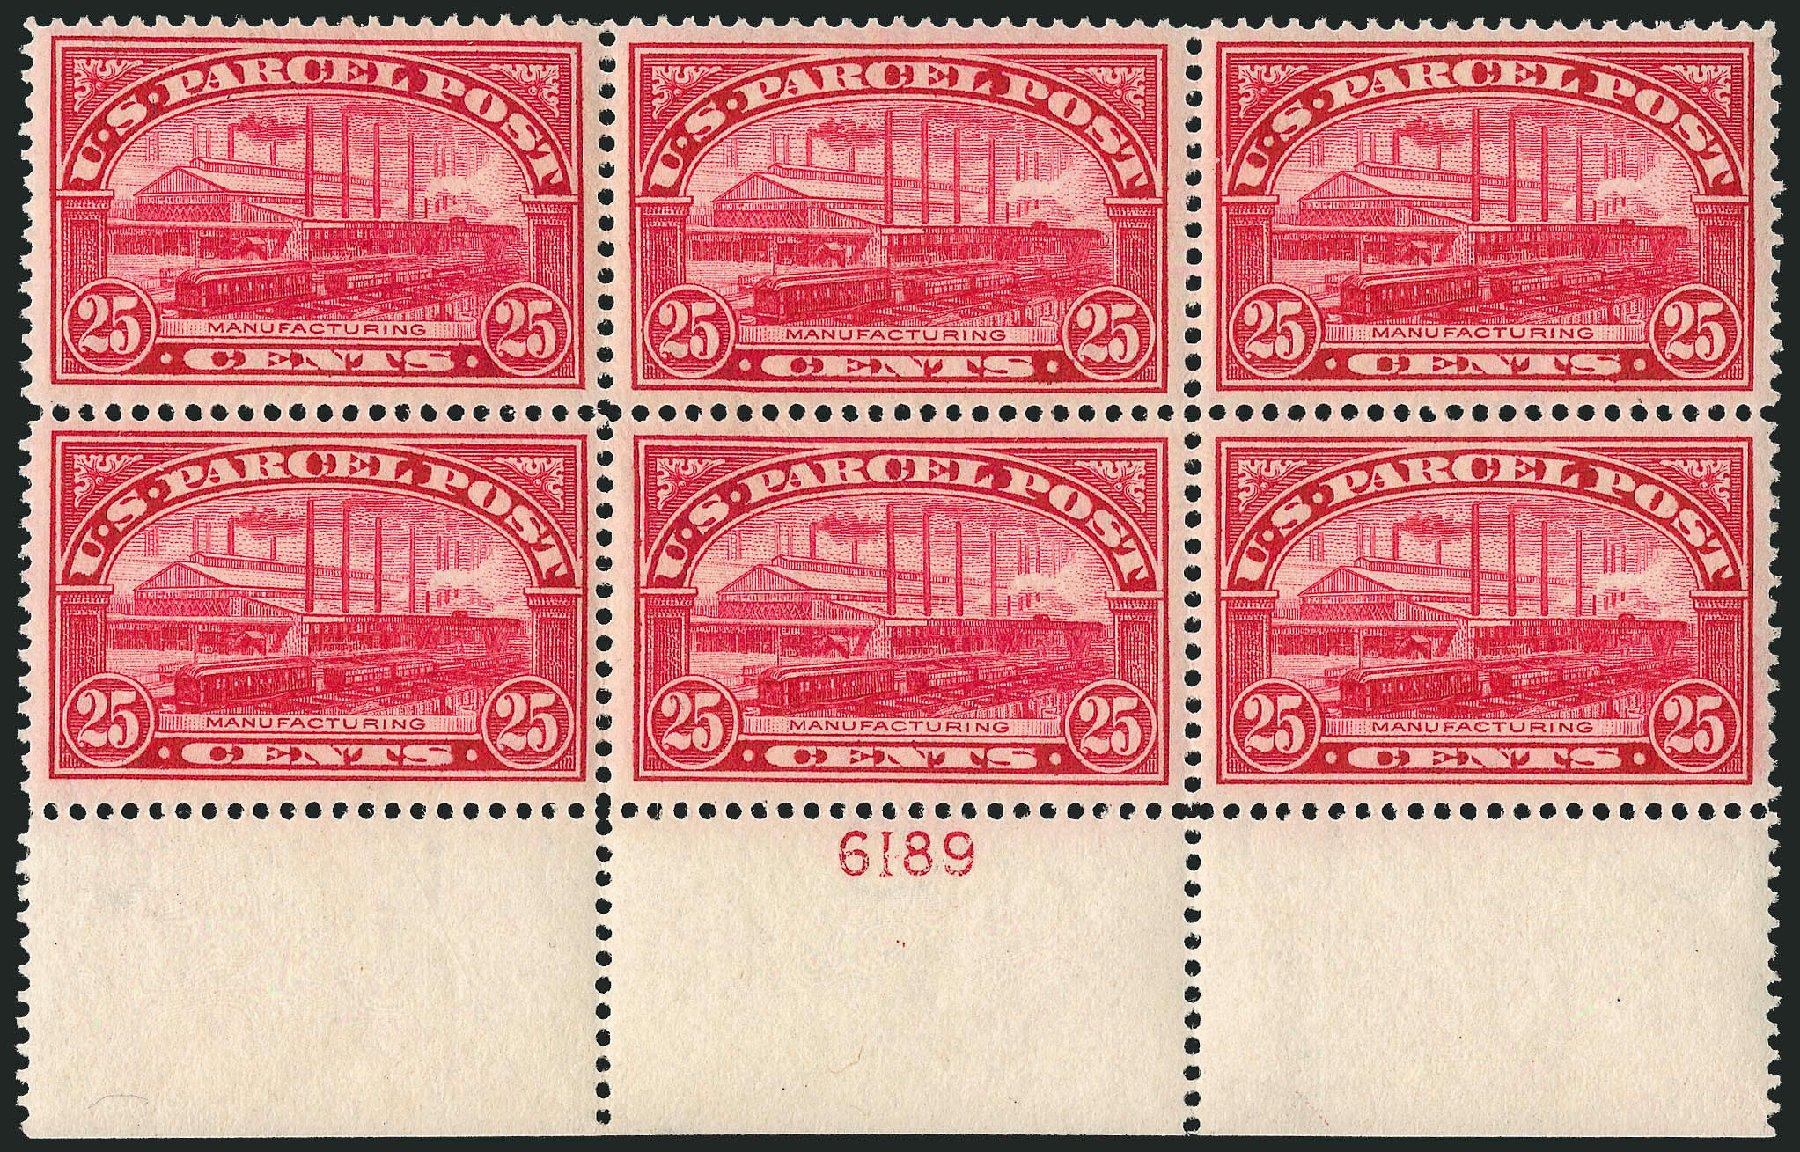 US Stamps Prices Scott Catalogue #Q9: 1913 25c Parcel Post. Robert Siegel Auction Galleries, Apr 2015, Sale 1096, Lot 952